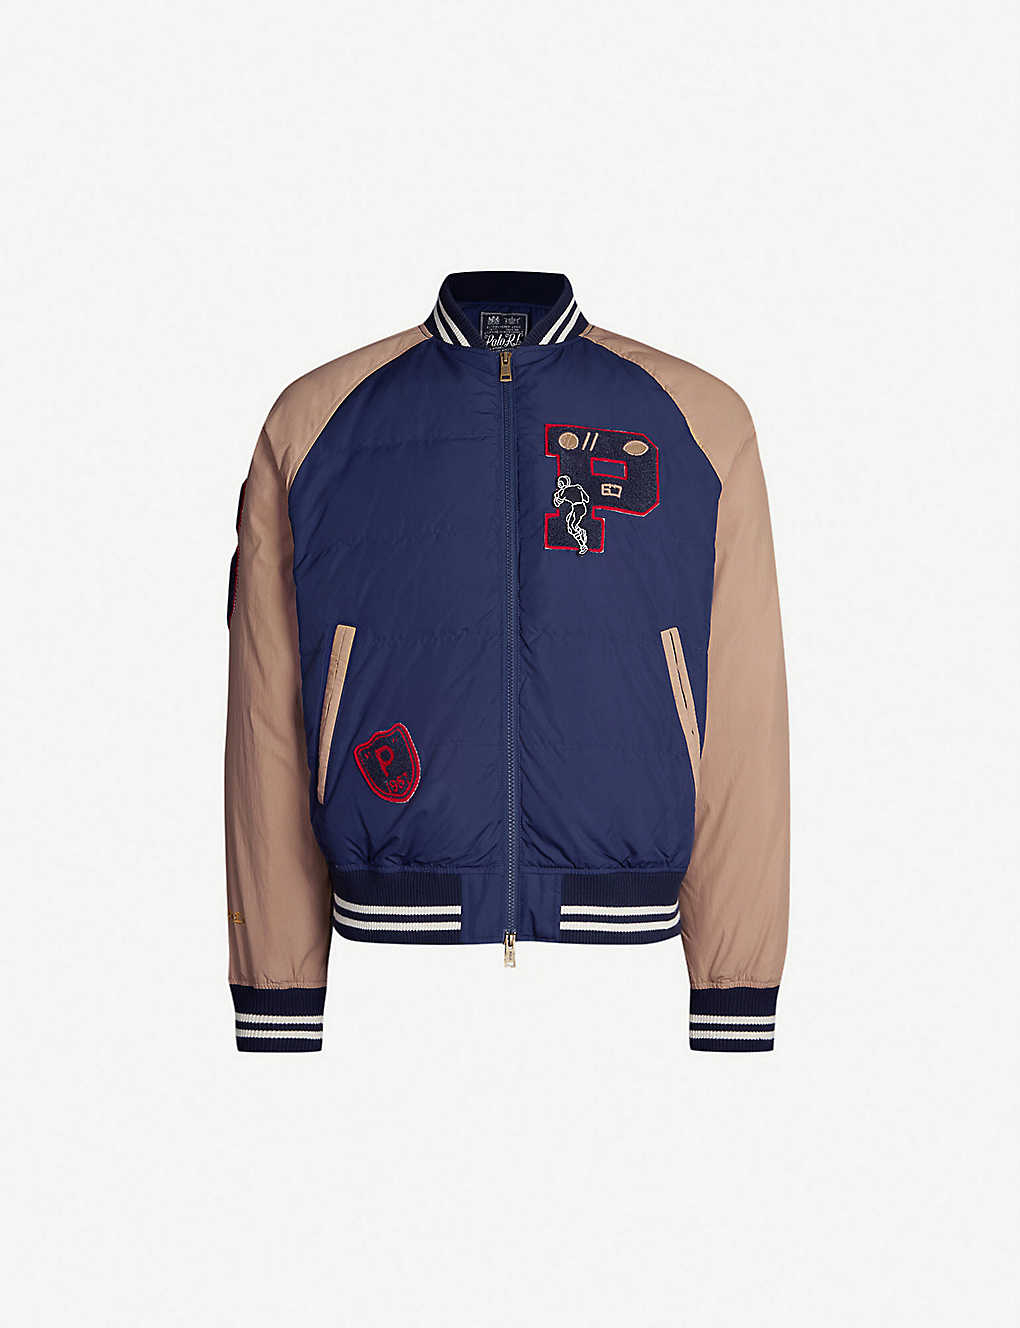 c492a7217 POLO RALPH LAUREN - Appliqué-detail shell-down jacket | Selfridges.com